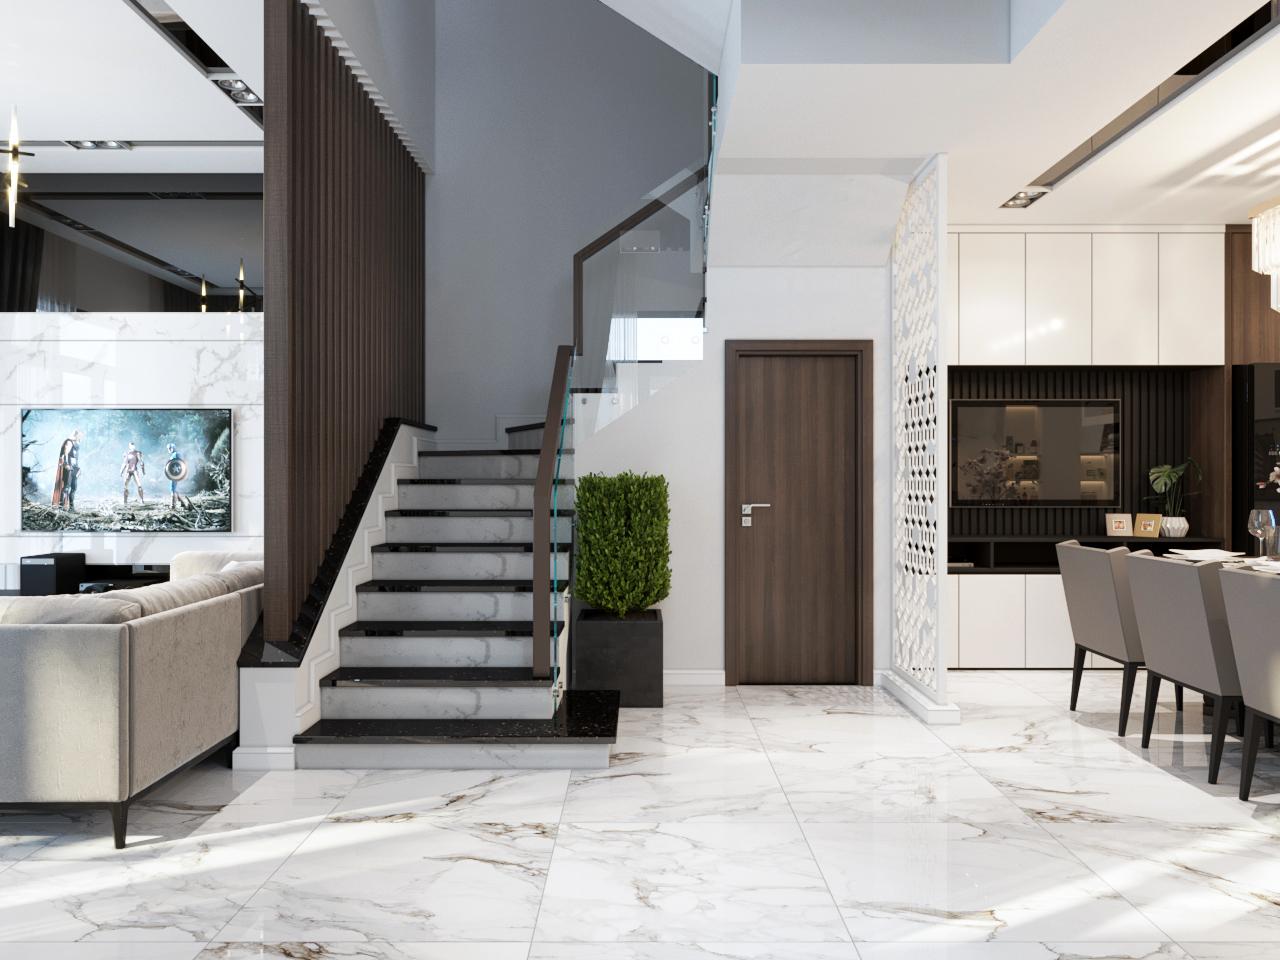 thiết kế nội thất Nhà Mặt Phố tại Hà Nội Nhà Phố - Văn Tiến Dũng 6 1562827642